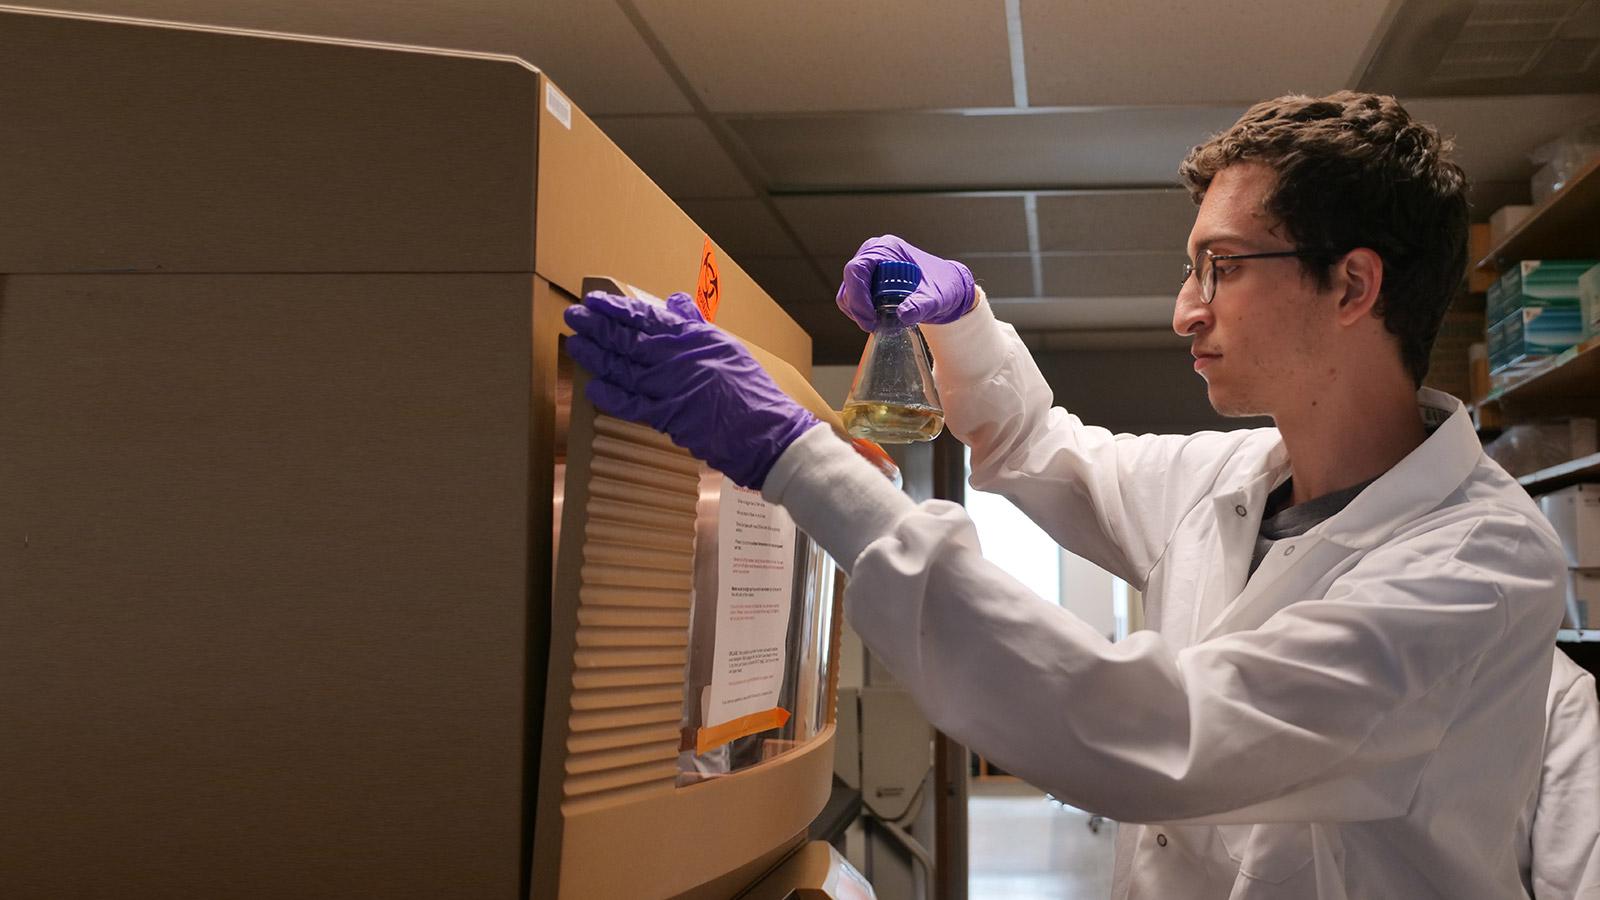 MIT Summer Research Program (MSRP-Bio)